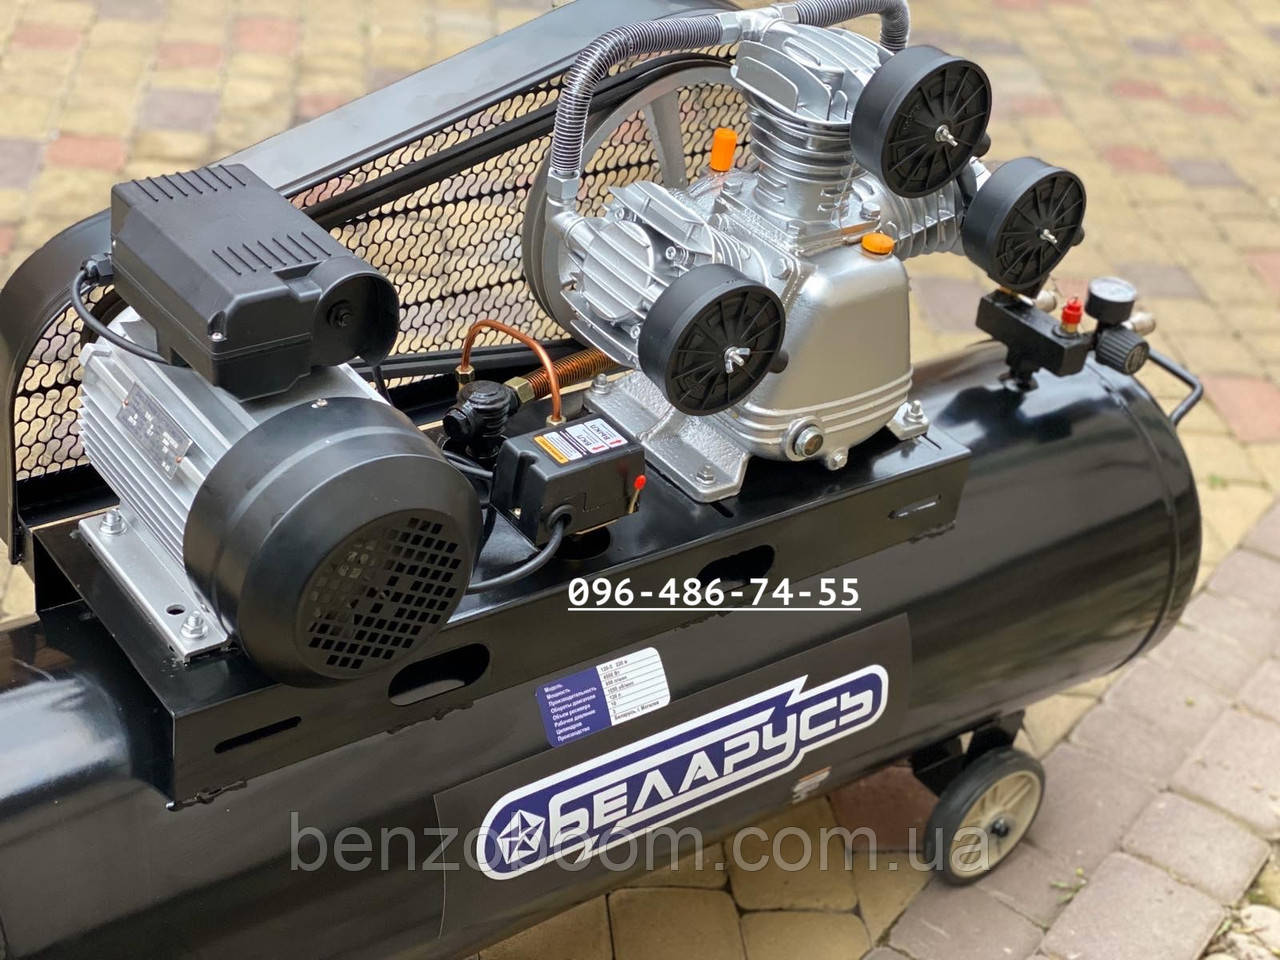 Воздушный компрессор Беларусь 120л 3 цилиндровый 380 V 4.5 кВт 850 л/мин